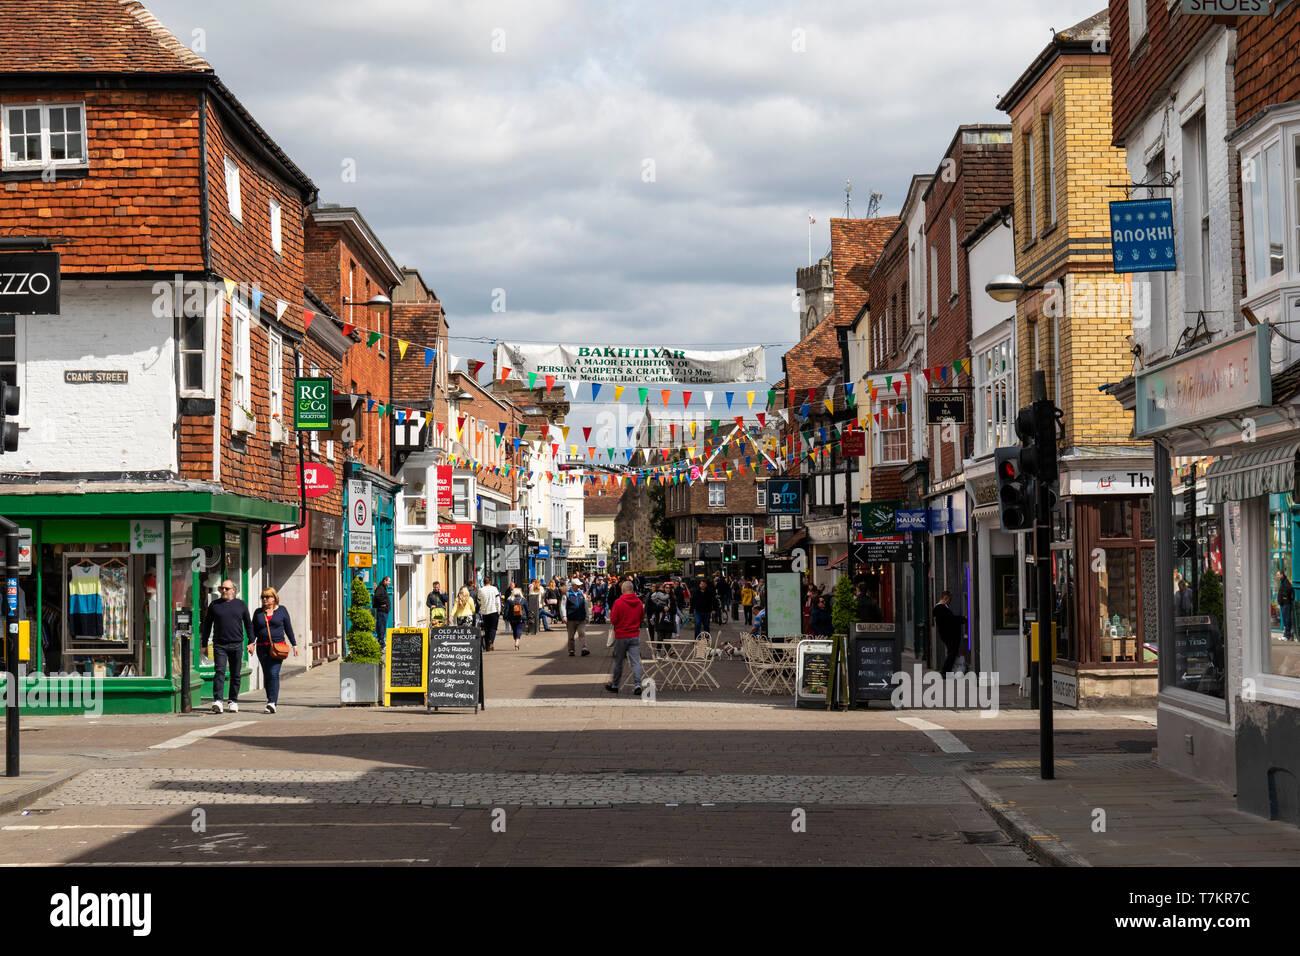 Salisbury High Street, Wiltshire, England - Stock Image